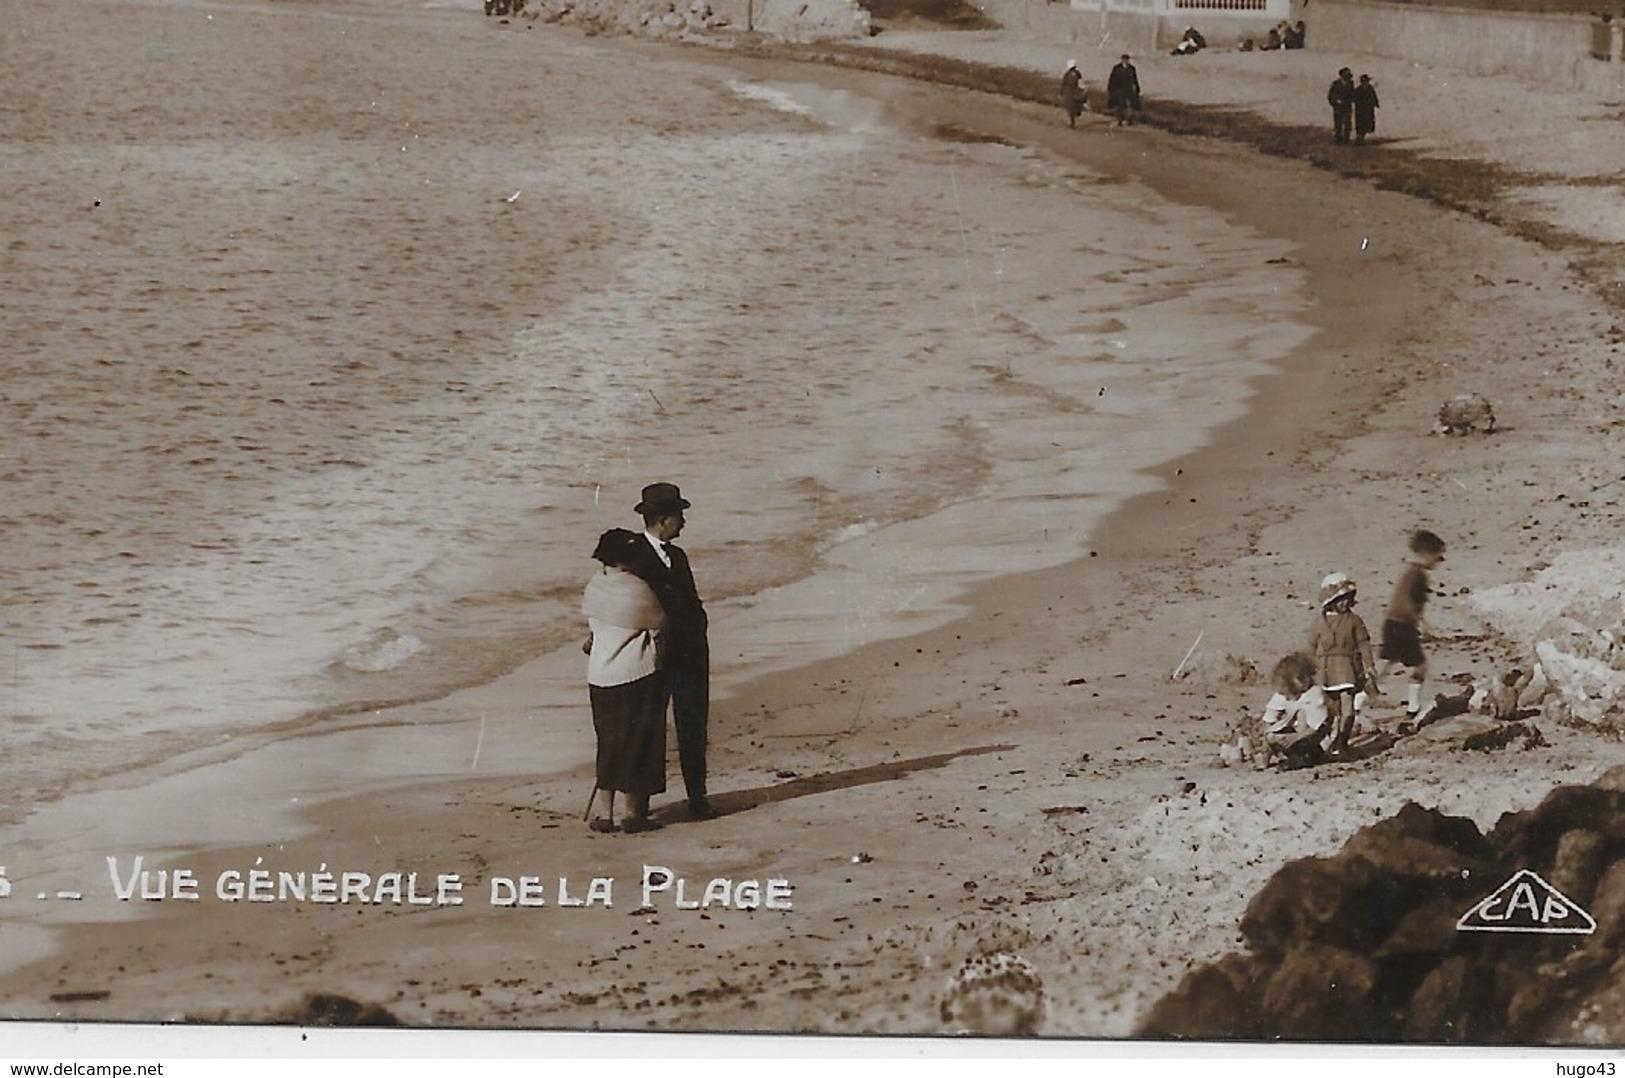 JUAN LES PINS - N° 1 - VUE GENERALE DE LA PLAGE - CPA AVEC GLACAGE NON VOYAGEE - Antibes